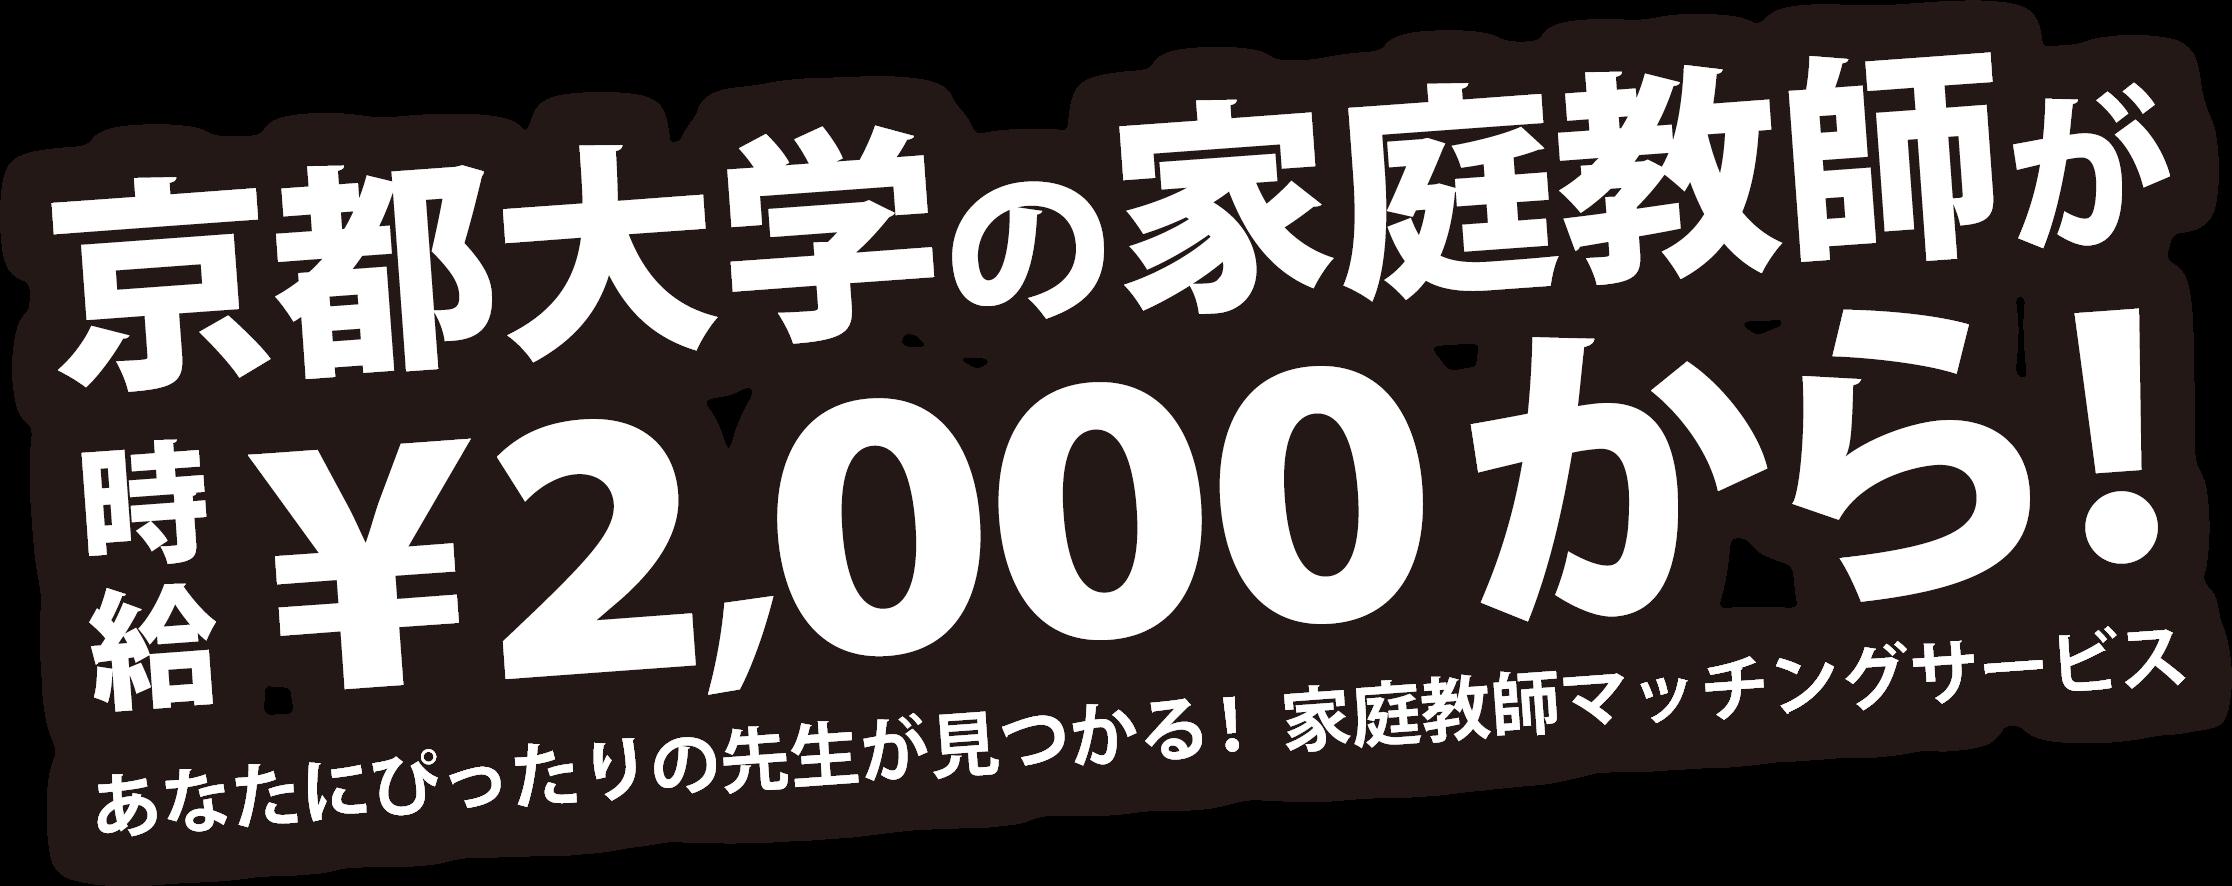 京都大学の家庭教師が時給¥2,000から!あなたにぴったりの先生が見つかる!家庭教師マッチングサービス